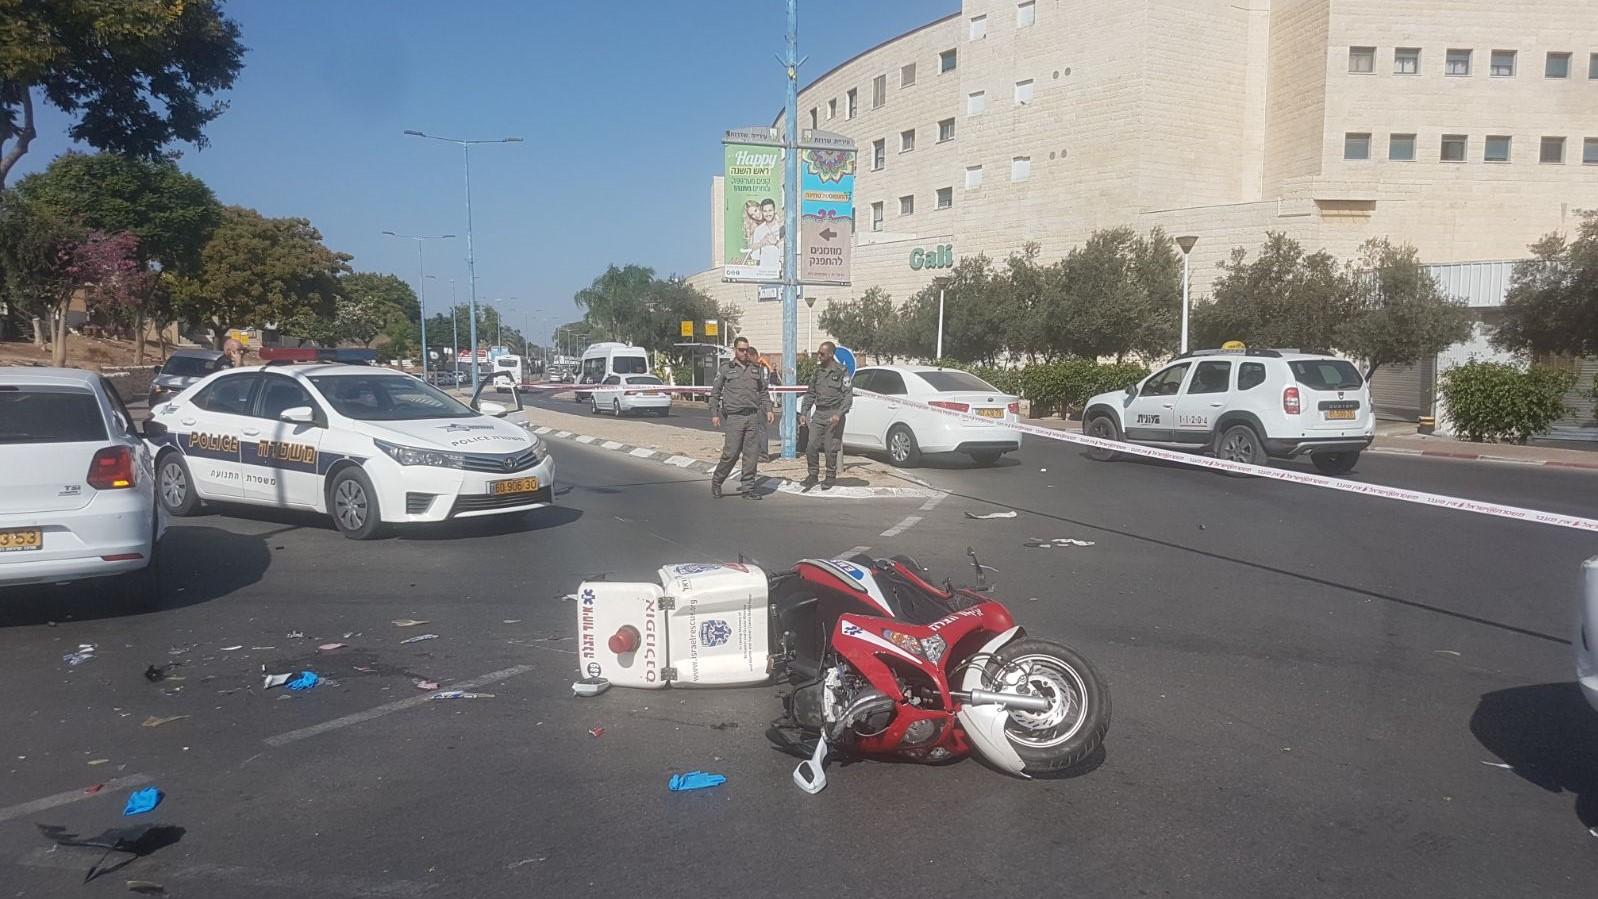 כונן איחוד הצלה נפגע מרכב בשדרות – מצבו בינוני